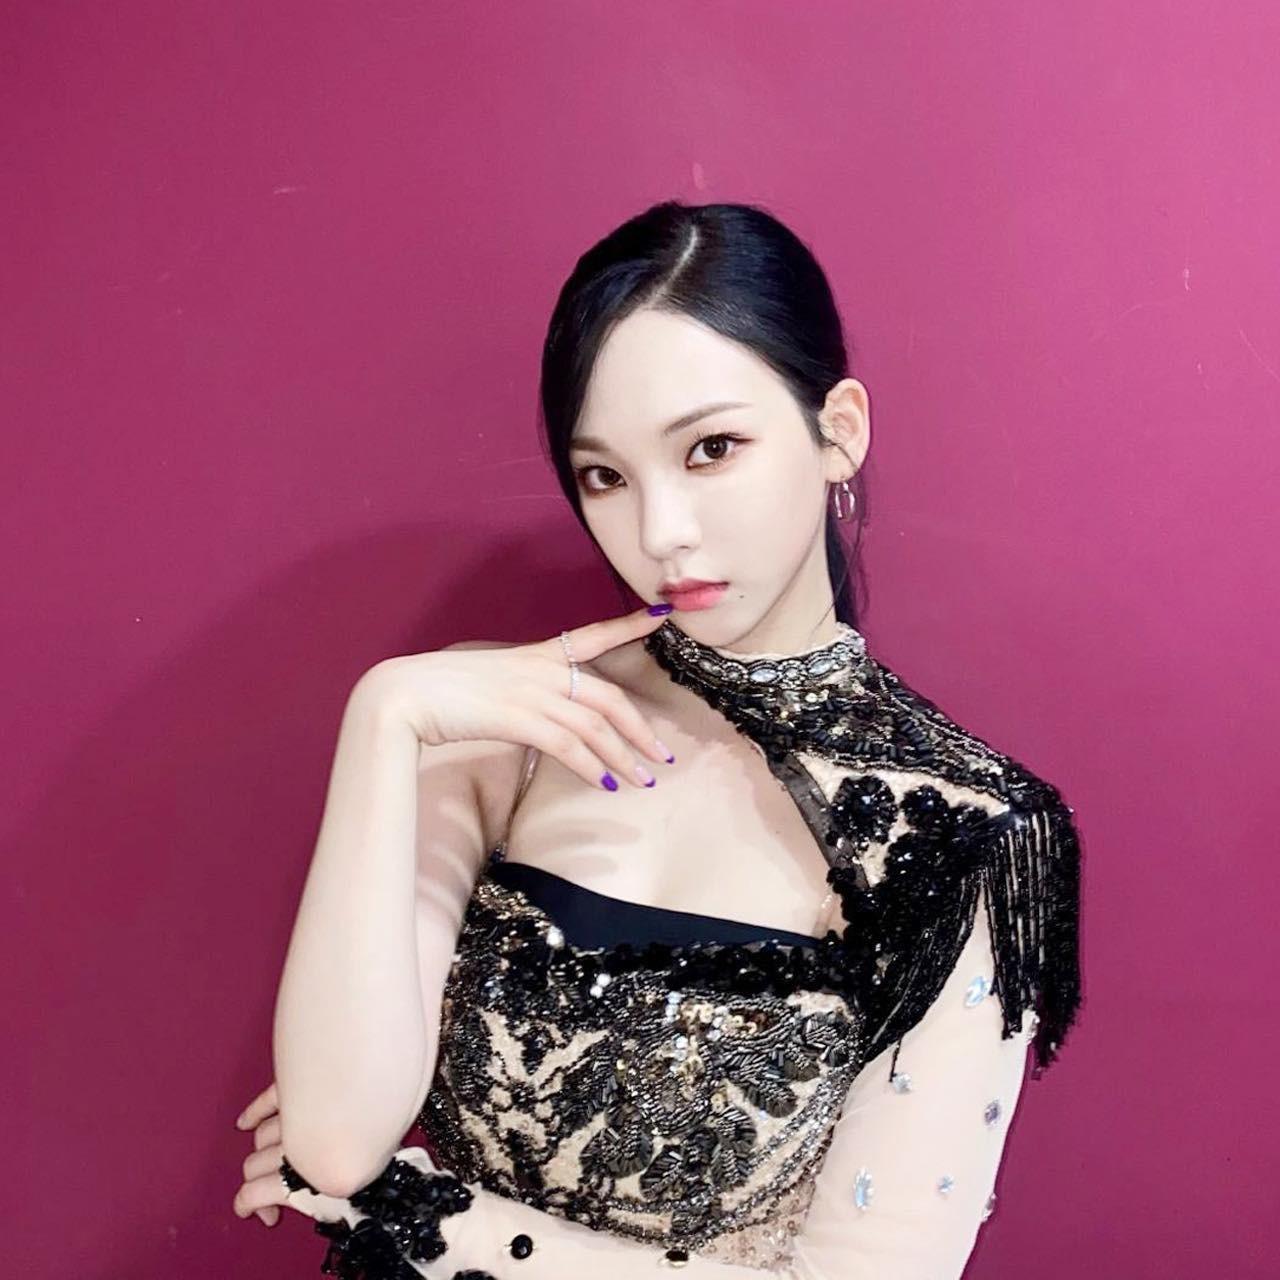 """Chỉ cần để tóc mái thưa, Karina (aespa) khiến netizen phải công nhận """"mỹ nhân thế hệ mới"""" ảnh 1"""